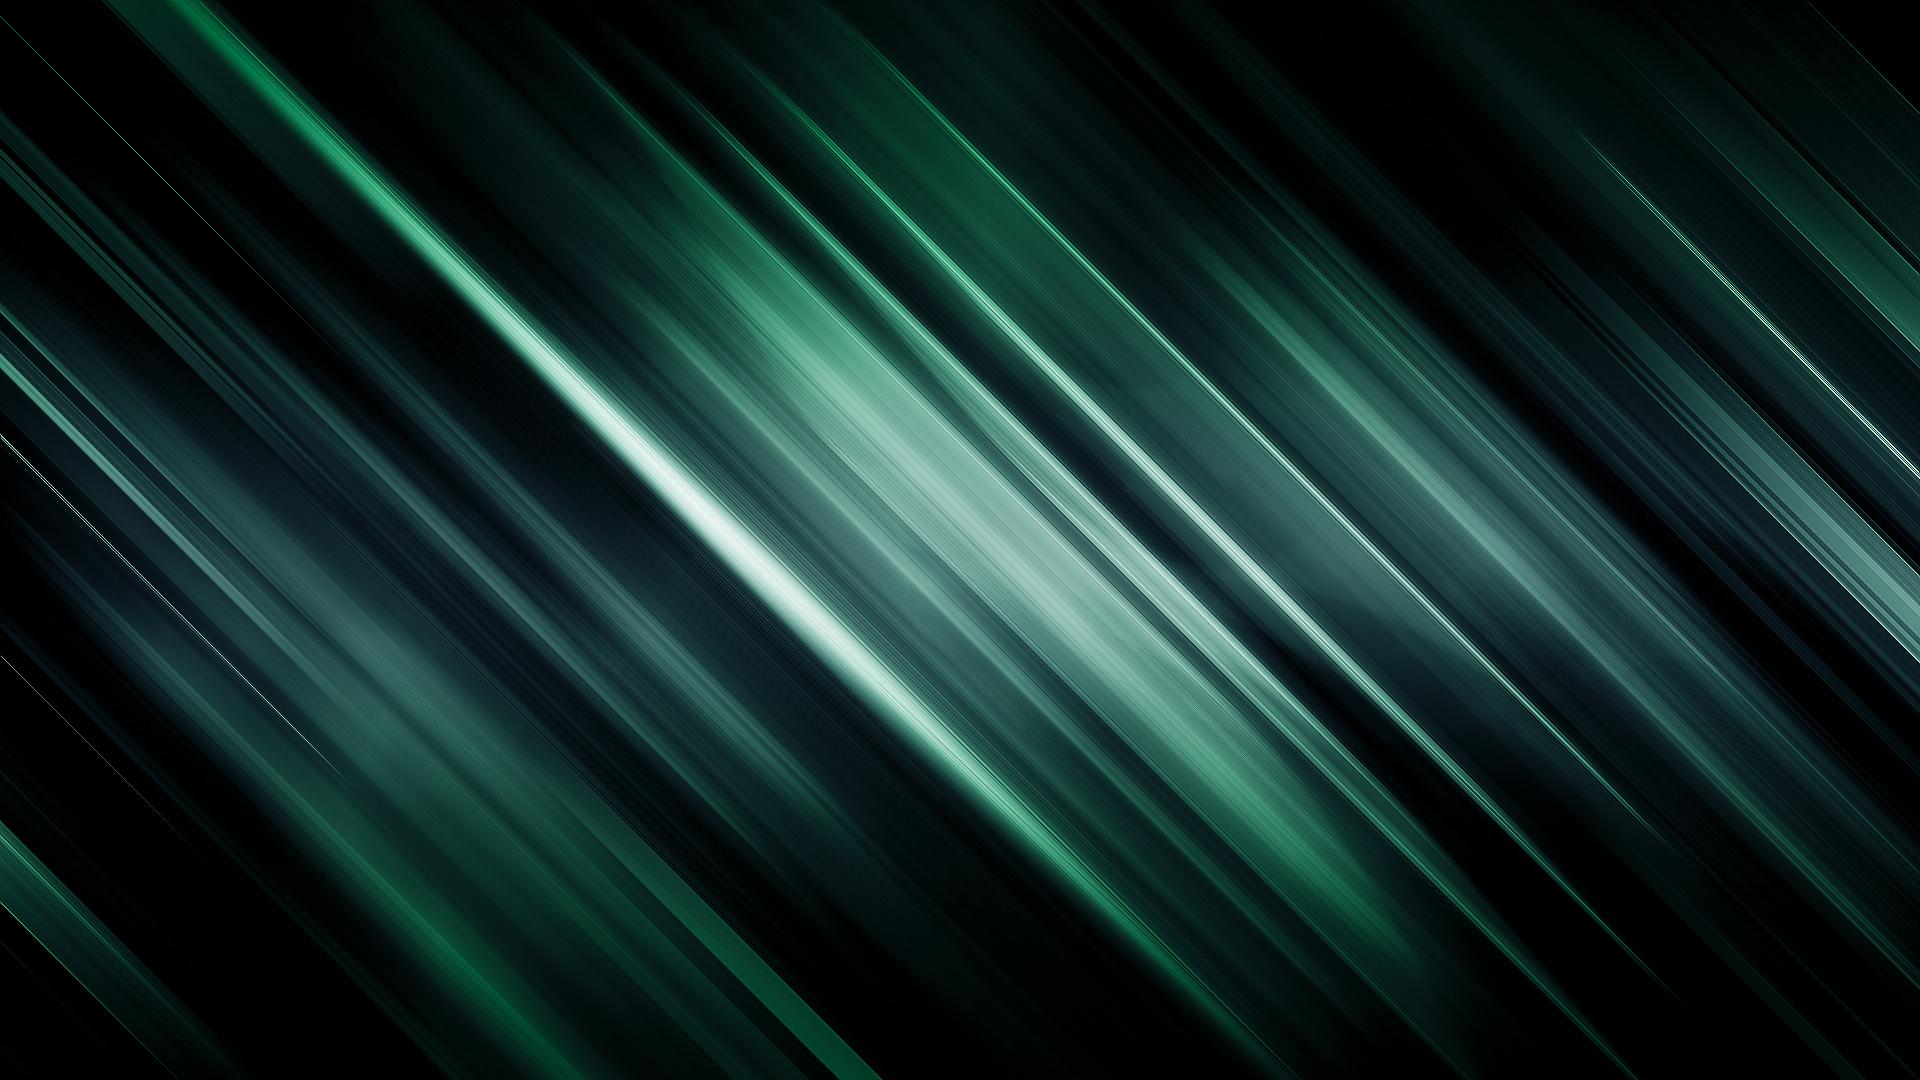 Текстуры hq, бесплатные фото, обои ...: pictures11.ru/tekstury-hq.html